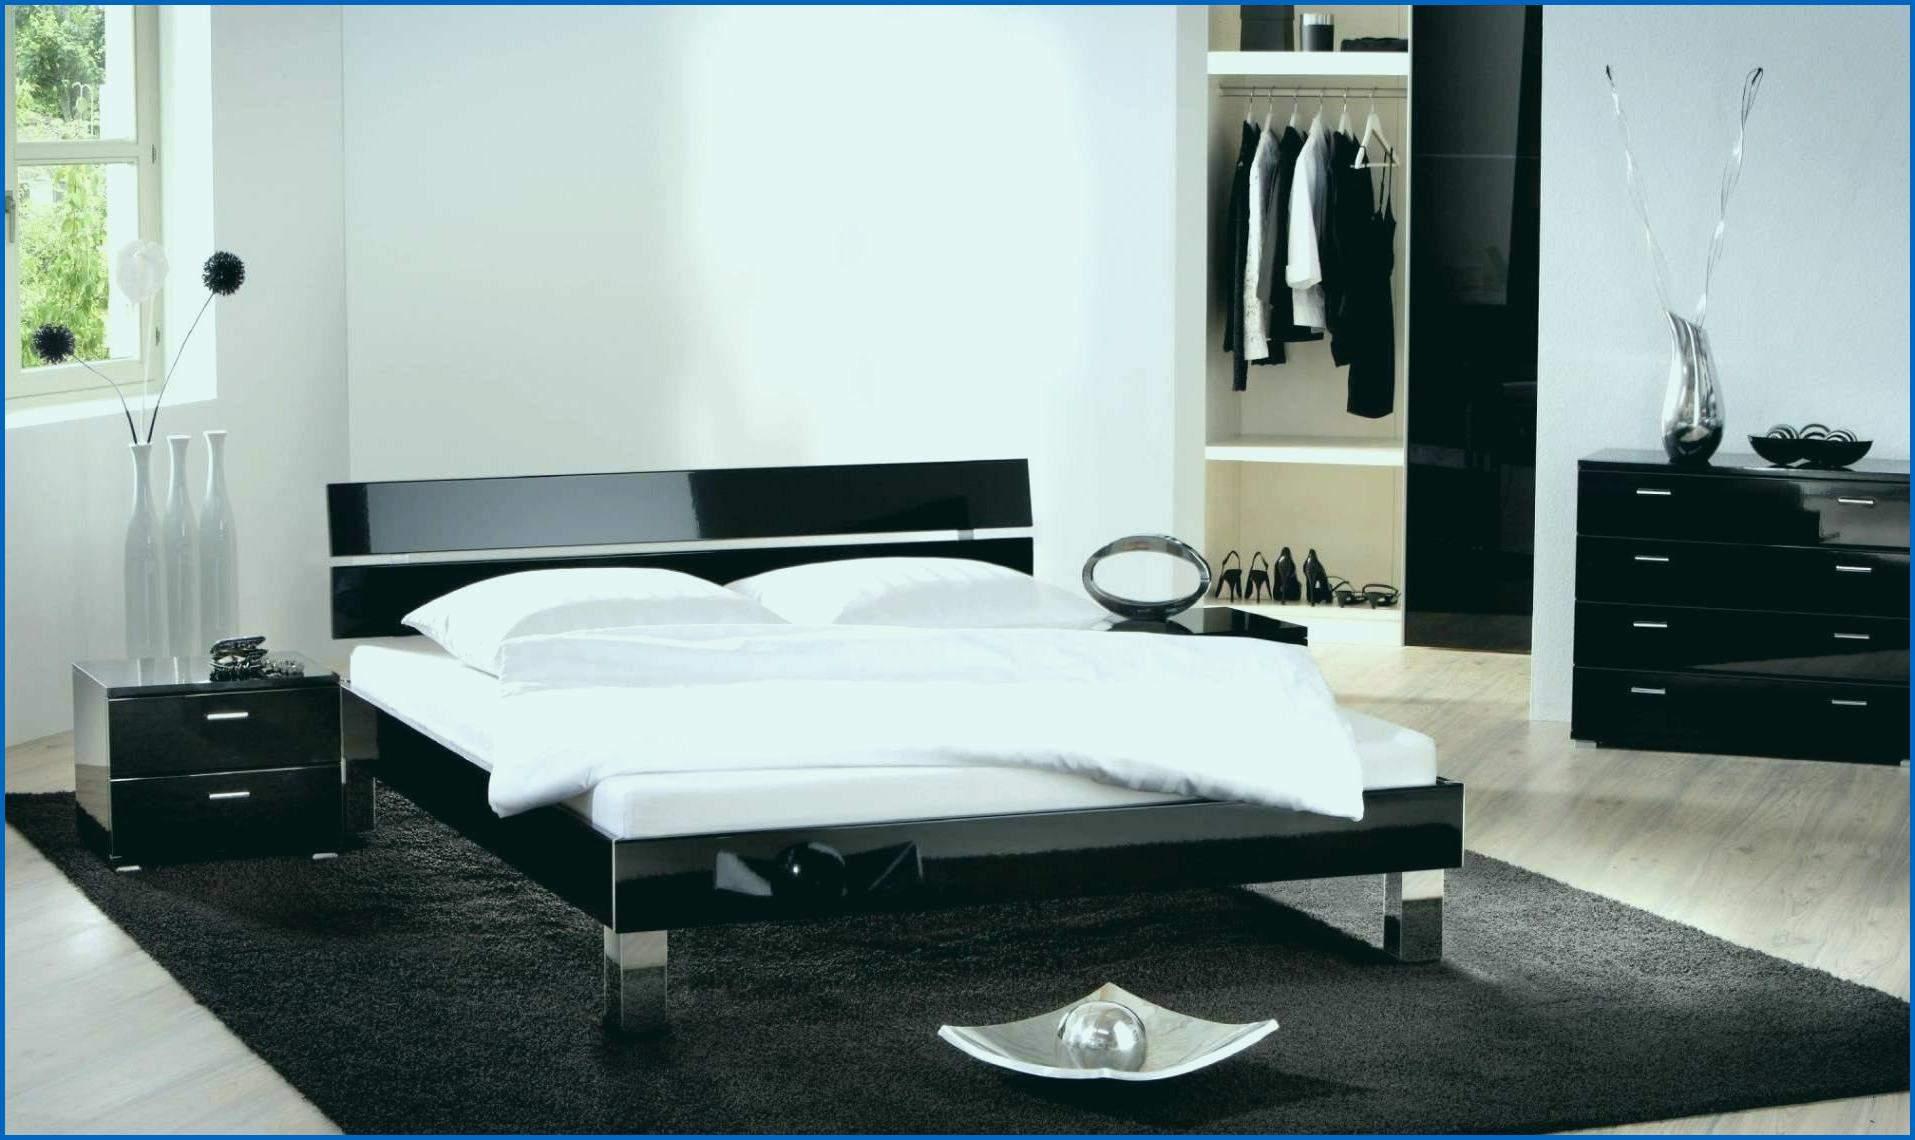 diy wohnzimmer luxus 39 luxurios und gemutlich dekoration wohnzimmer regal of diy wohnzimmer